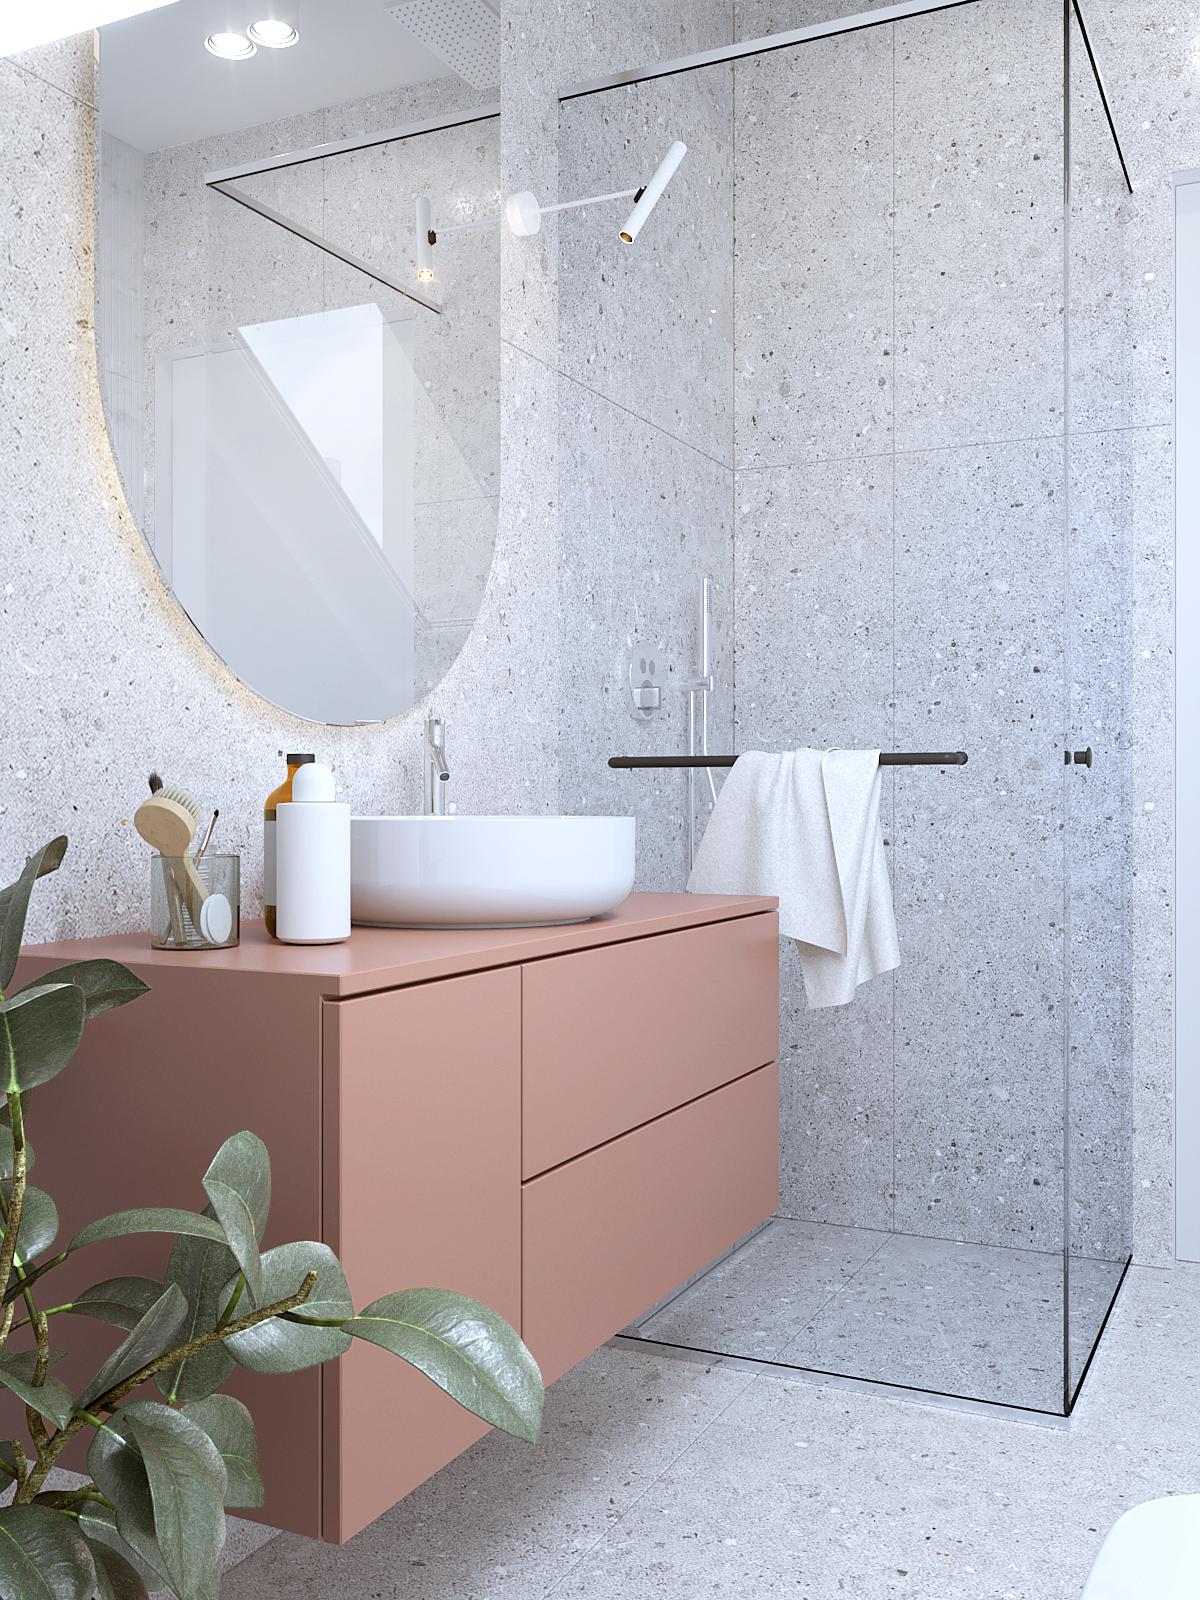 20 projektant wnetrz D423 poddasze lazienka na poddaszu szare plytki kolorowa szafka umywalkowa kabina prysznicowa